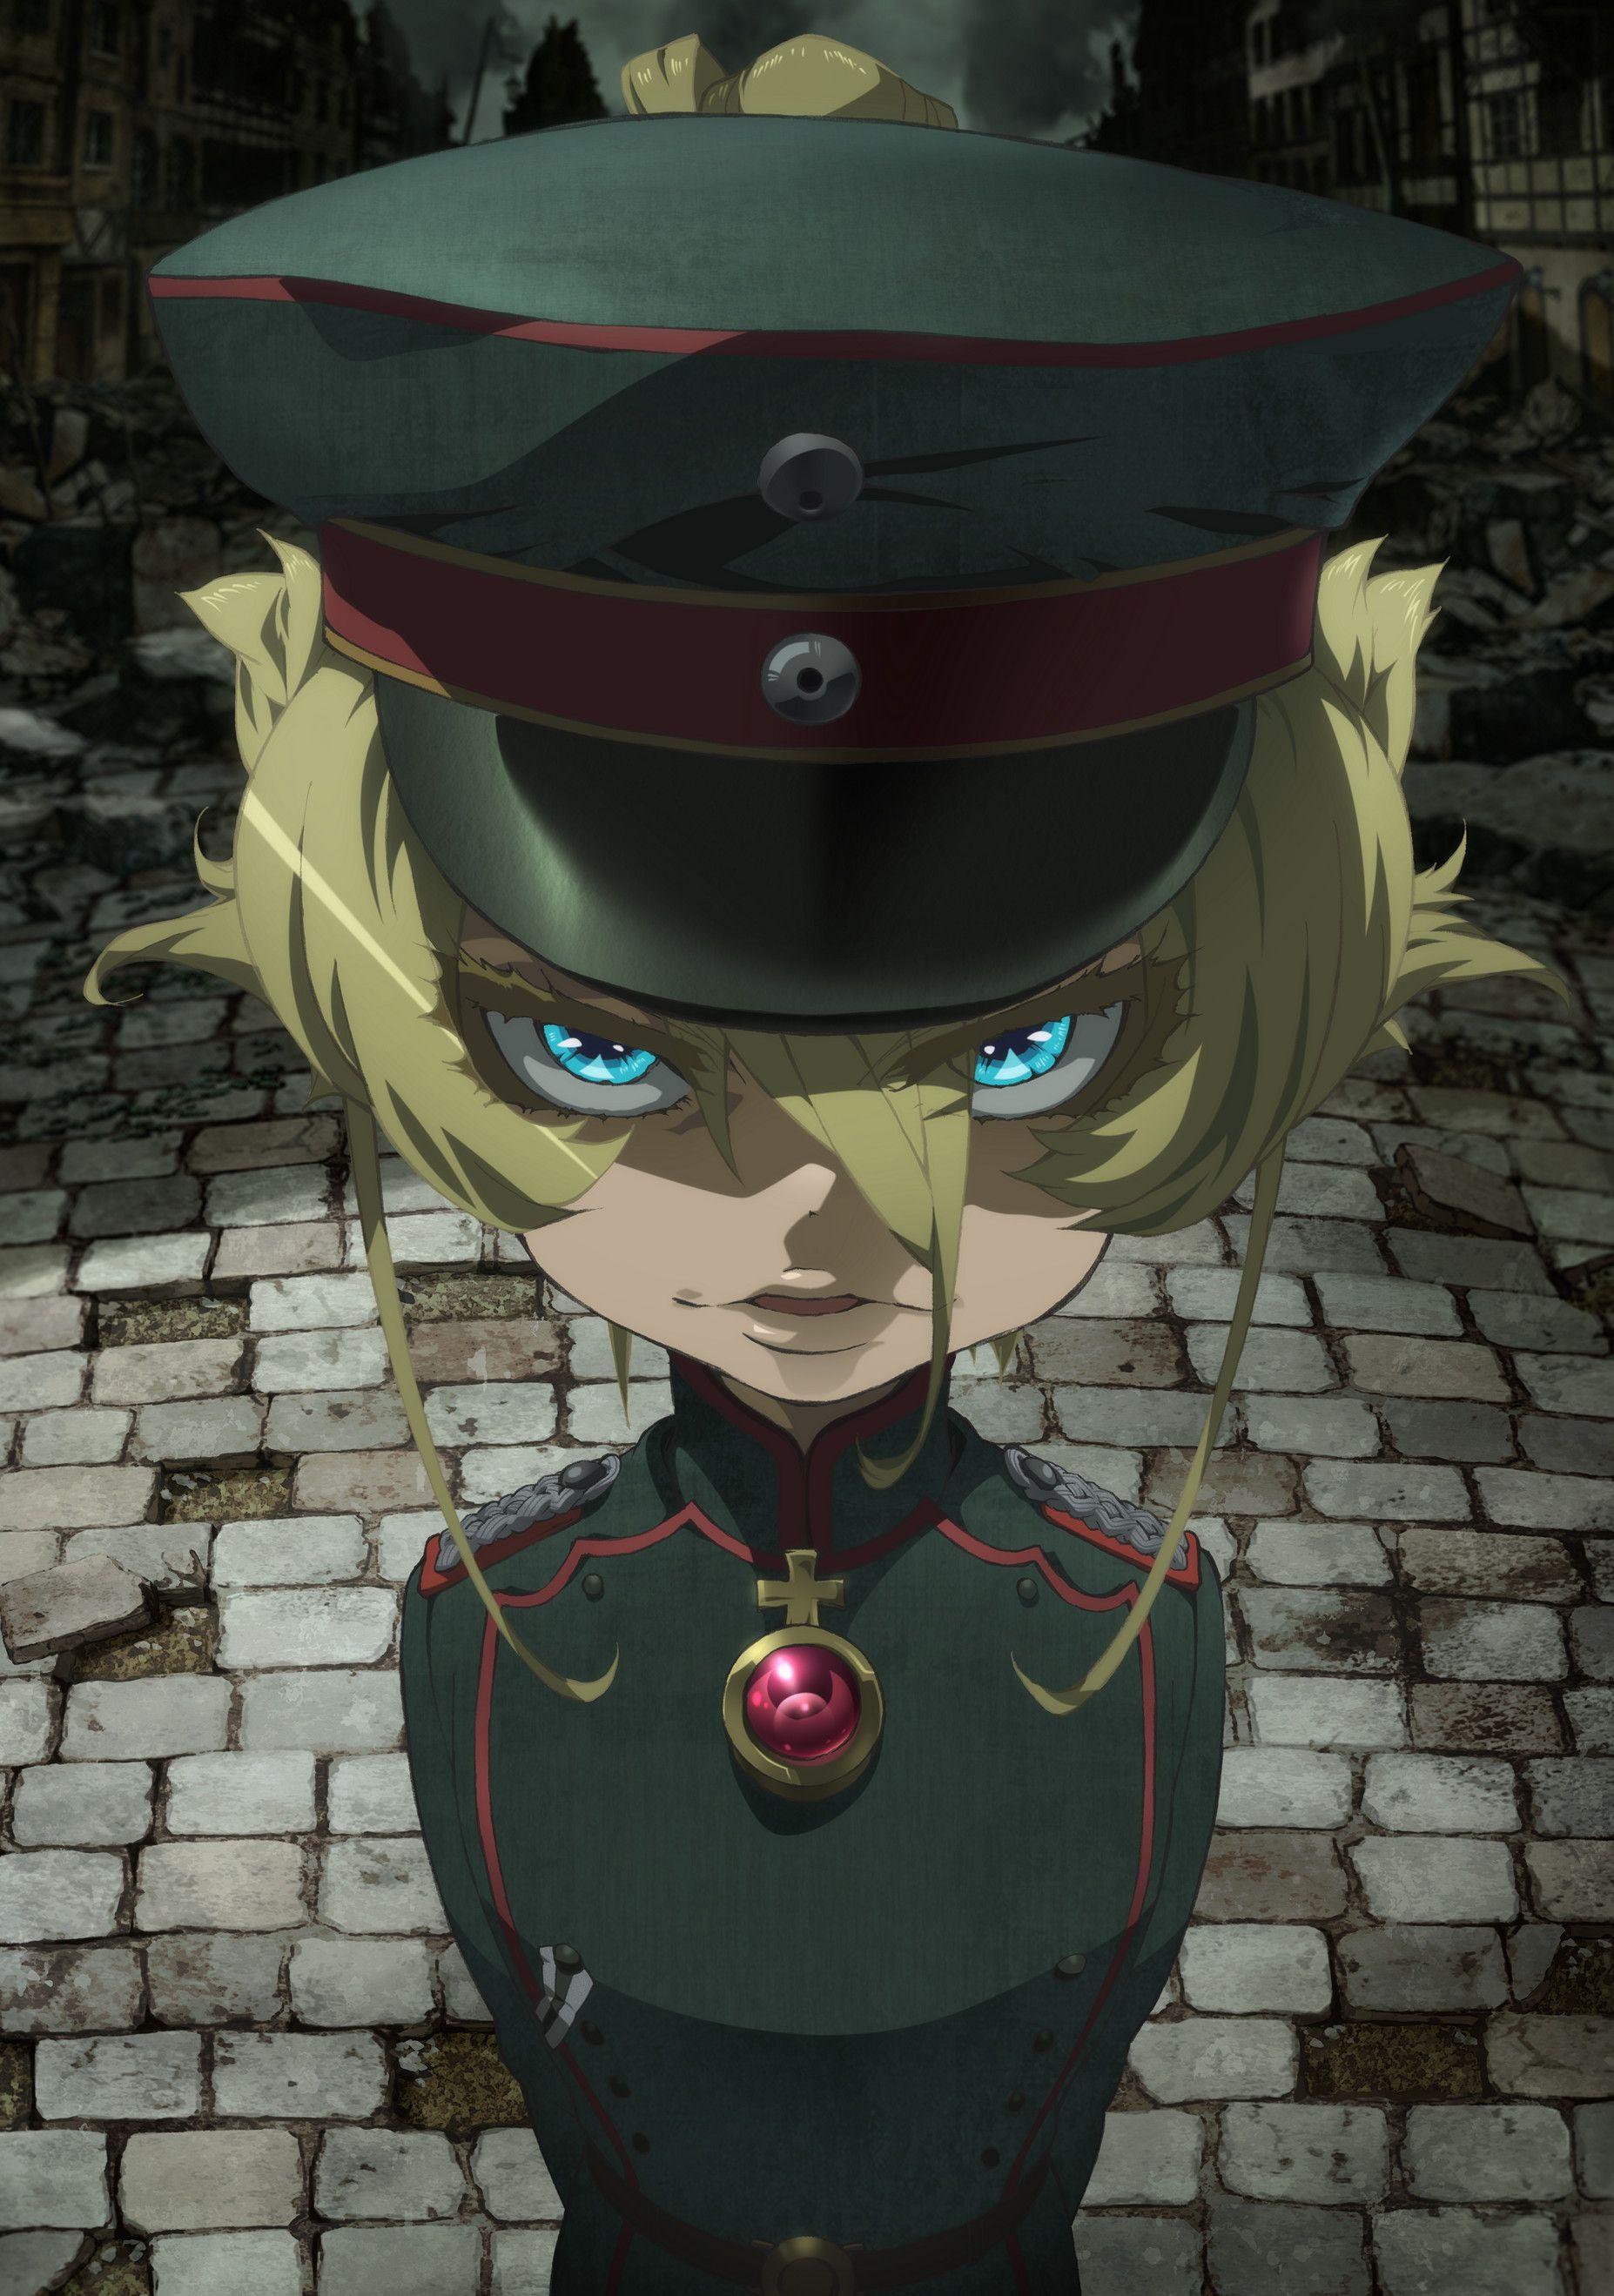 Youjo Senki 01 12 Evil anime, Tanya the evil, Anime